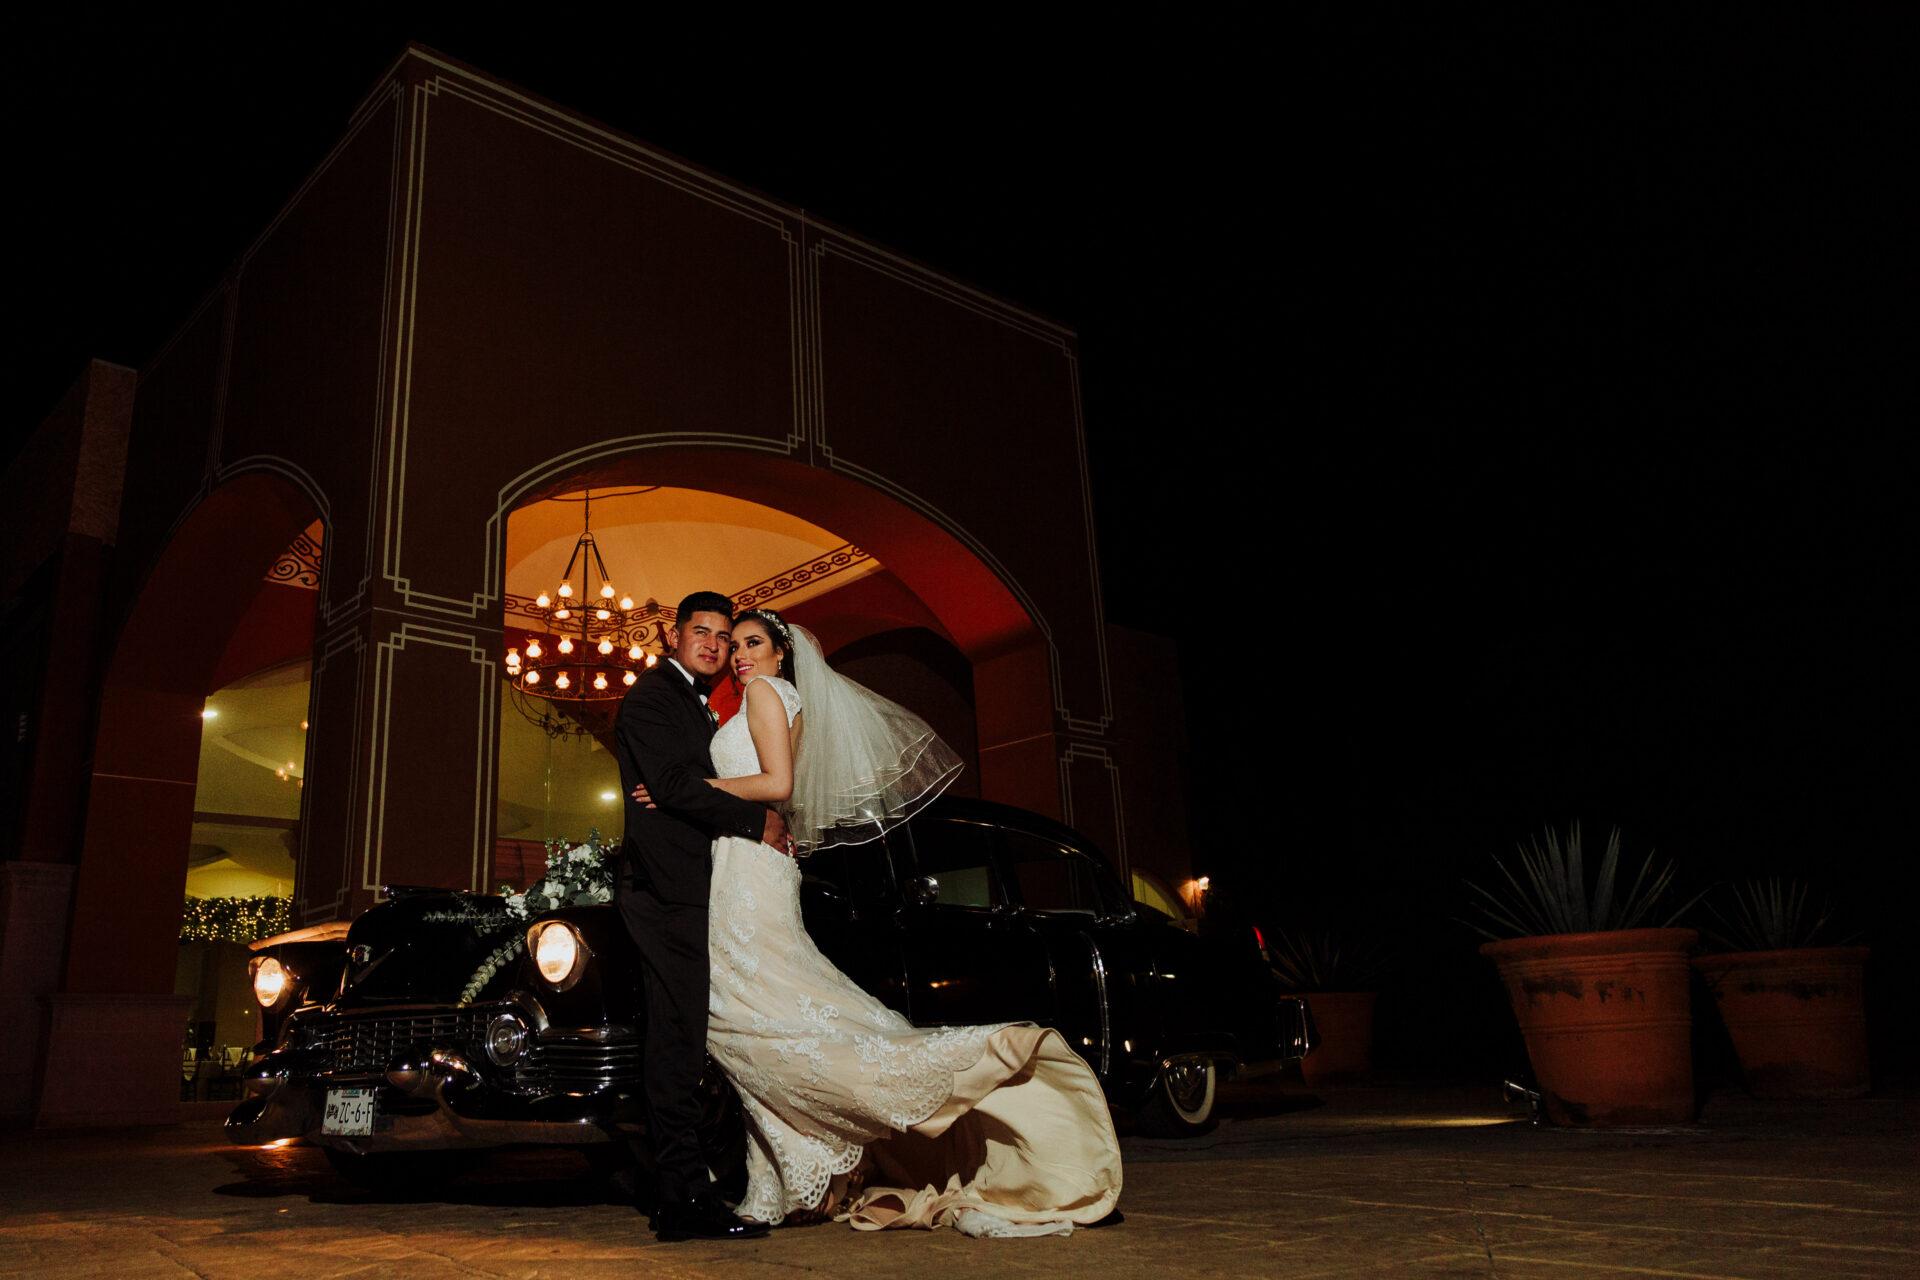 javier_noriega_fotografo_Boda_san_ramon_zacatecas_wedding_photographer17